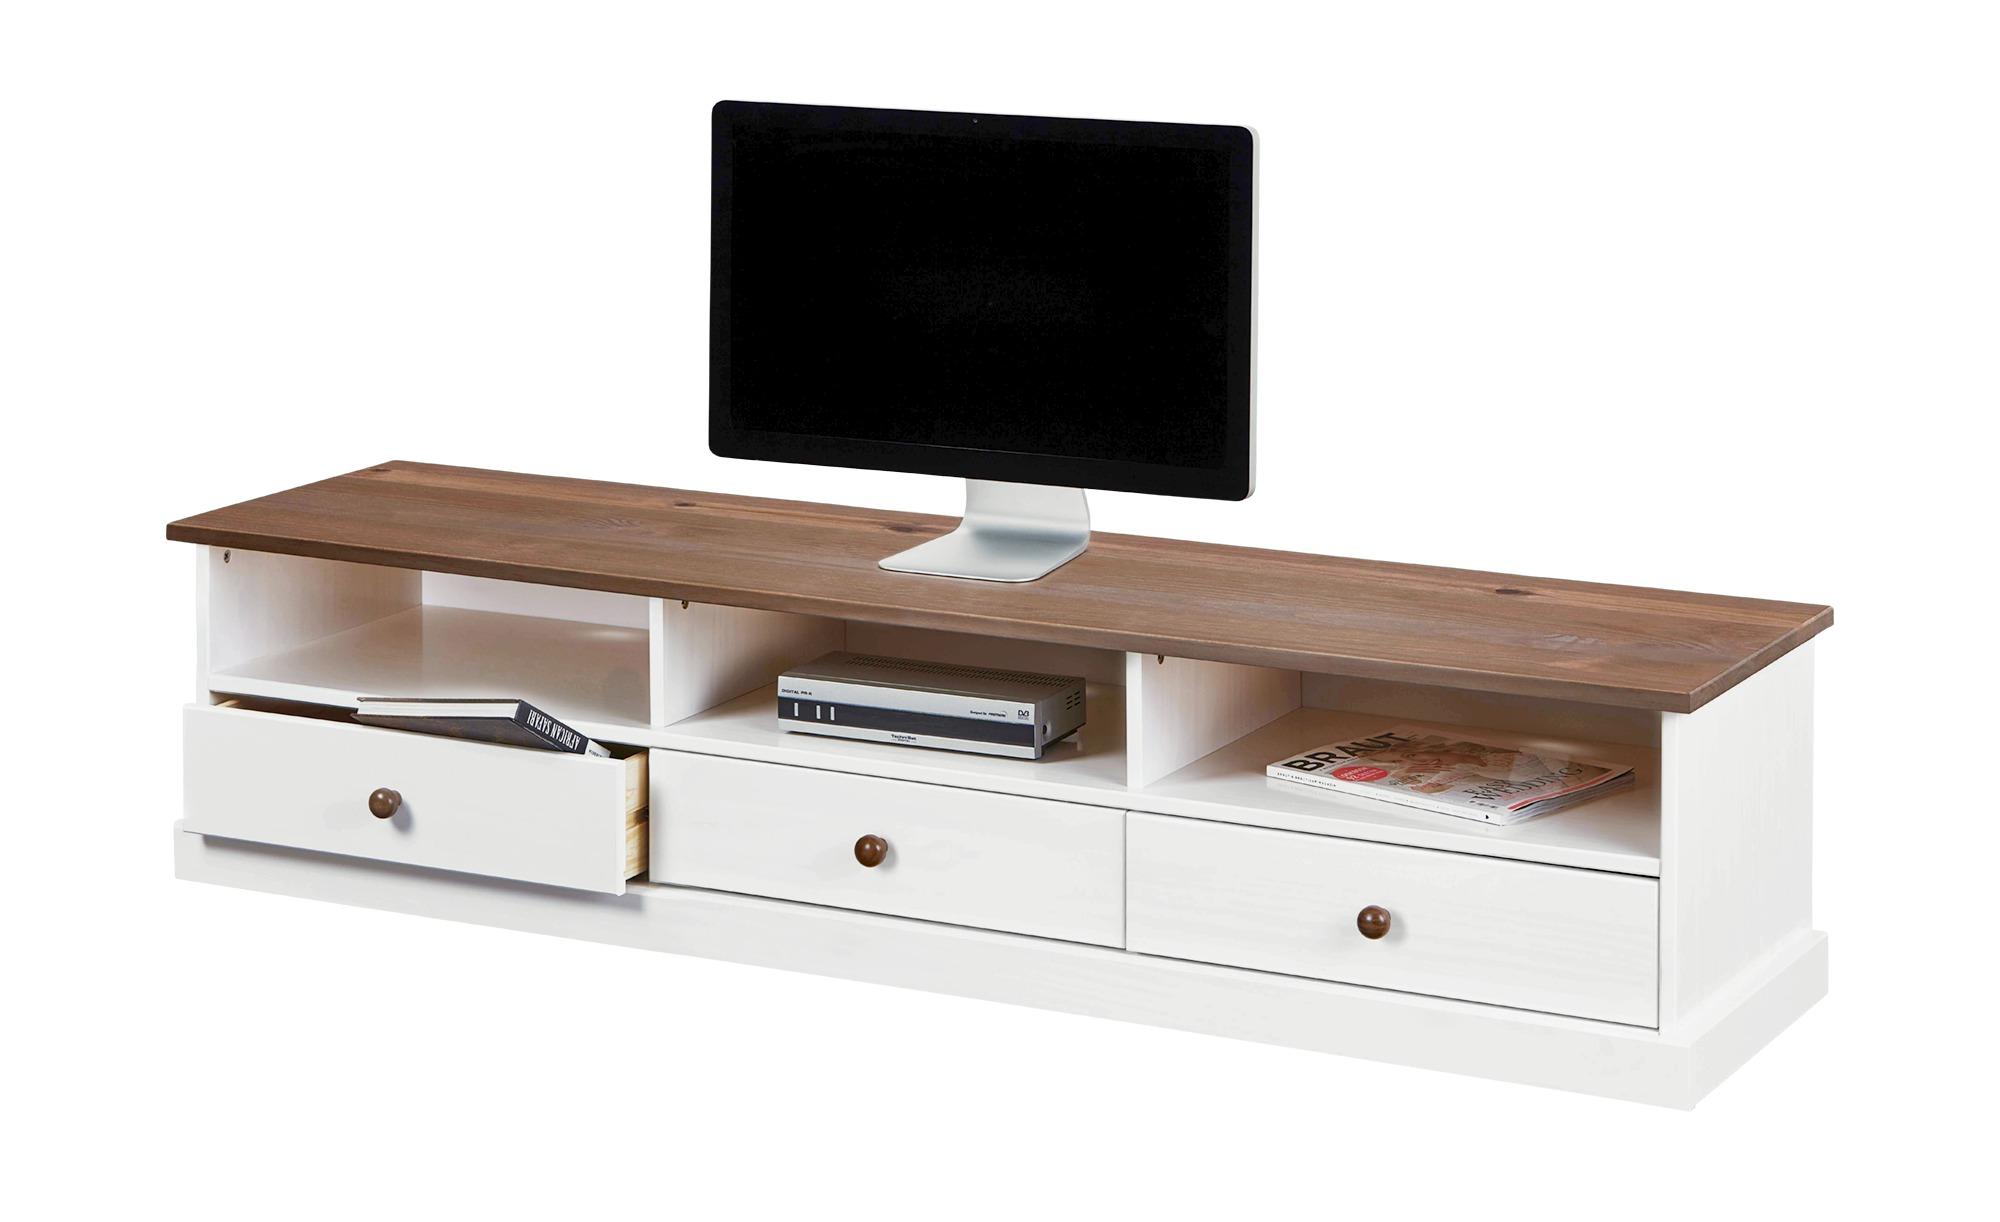 TV-Board - weiß - 180 cm - 41 cm - 45,5 cm - Sconto | Wohnzimmer > TV-HiFi-Möbel > TV-Lowboards | Massiver - Kiefer | Sconto